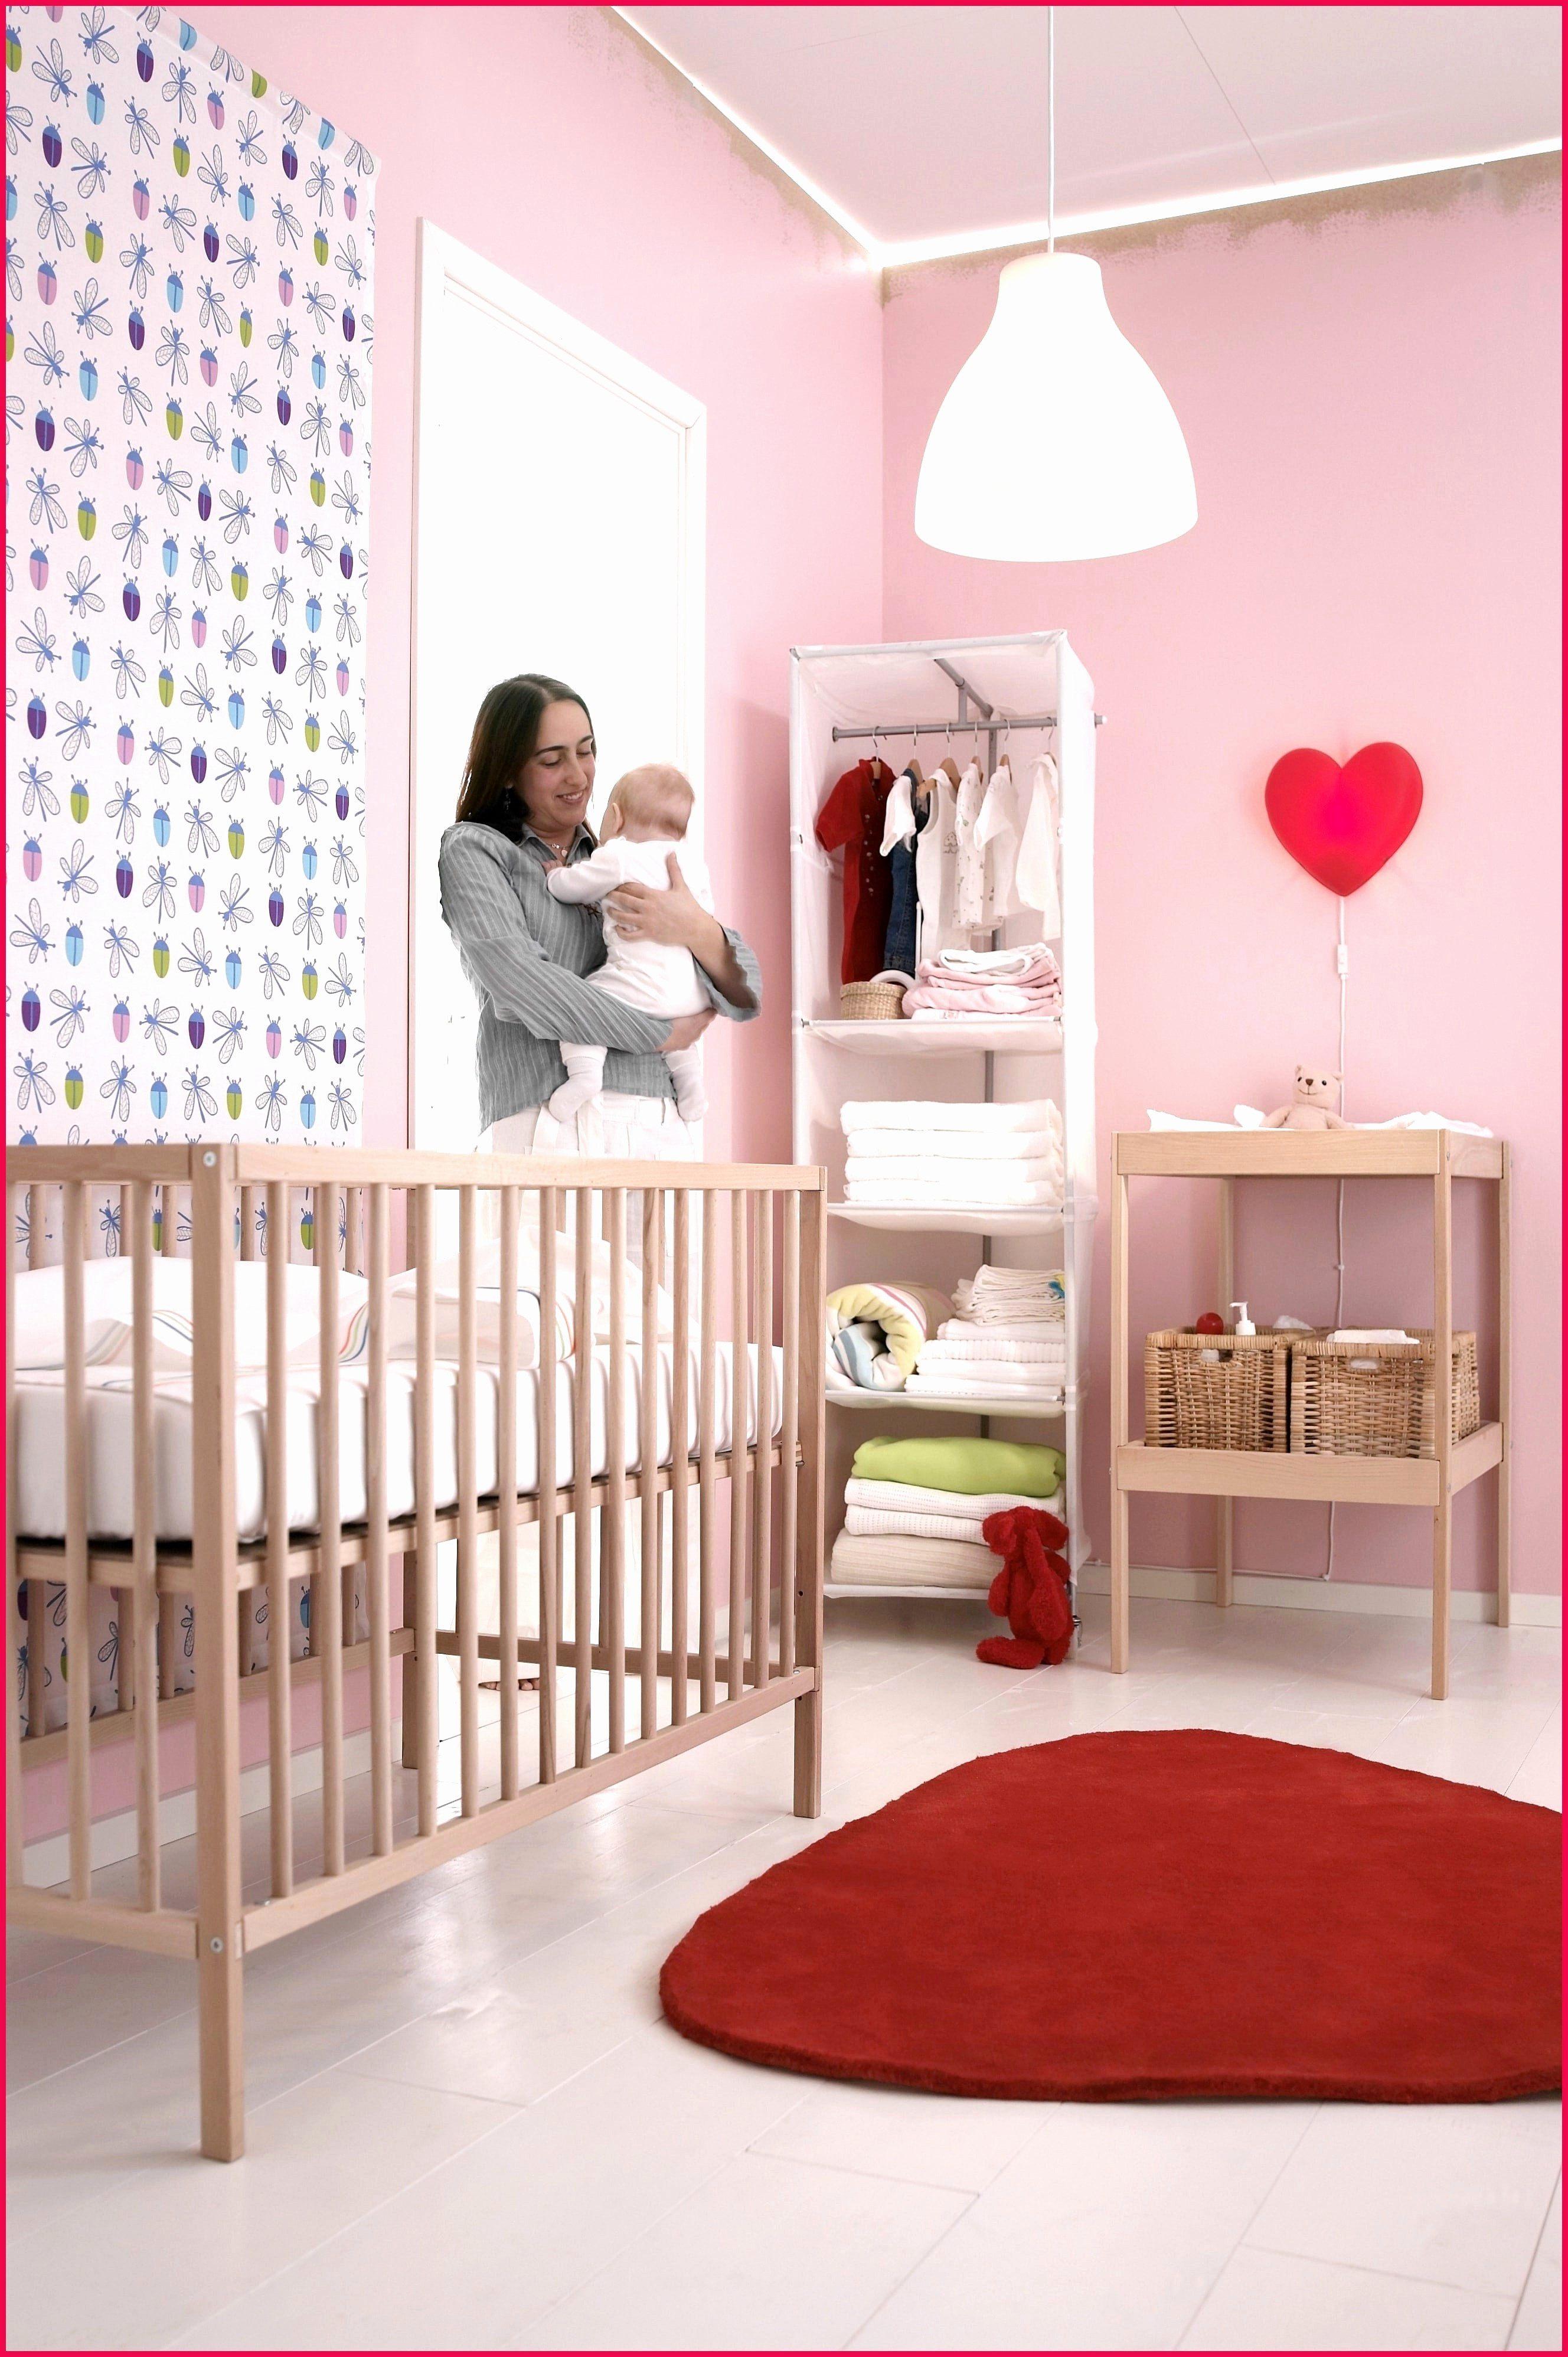 Lit Transformable Bébé Nouveau Lit De Bébé Transformable Matelas Pour Lit Articulé Inspirant Matela